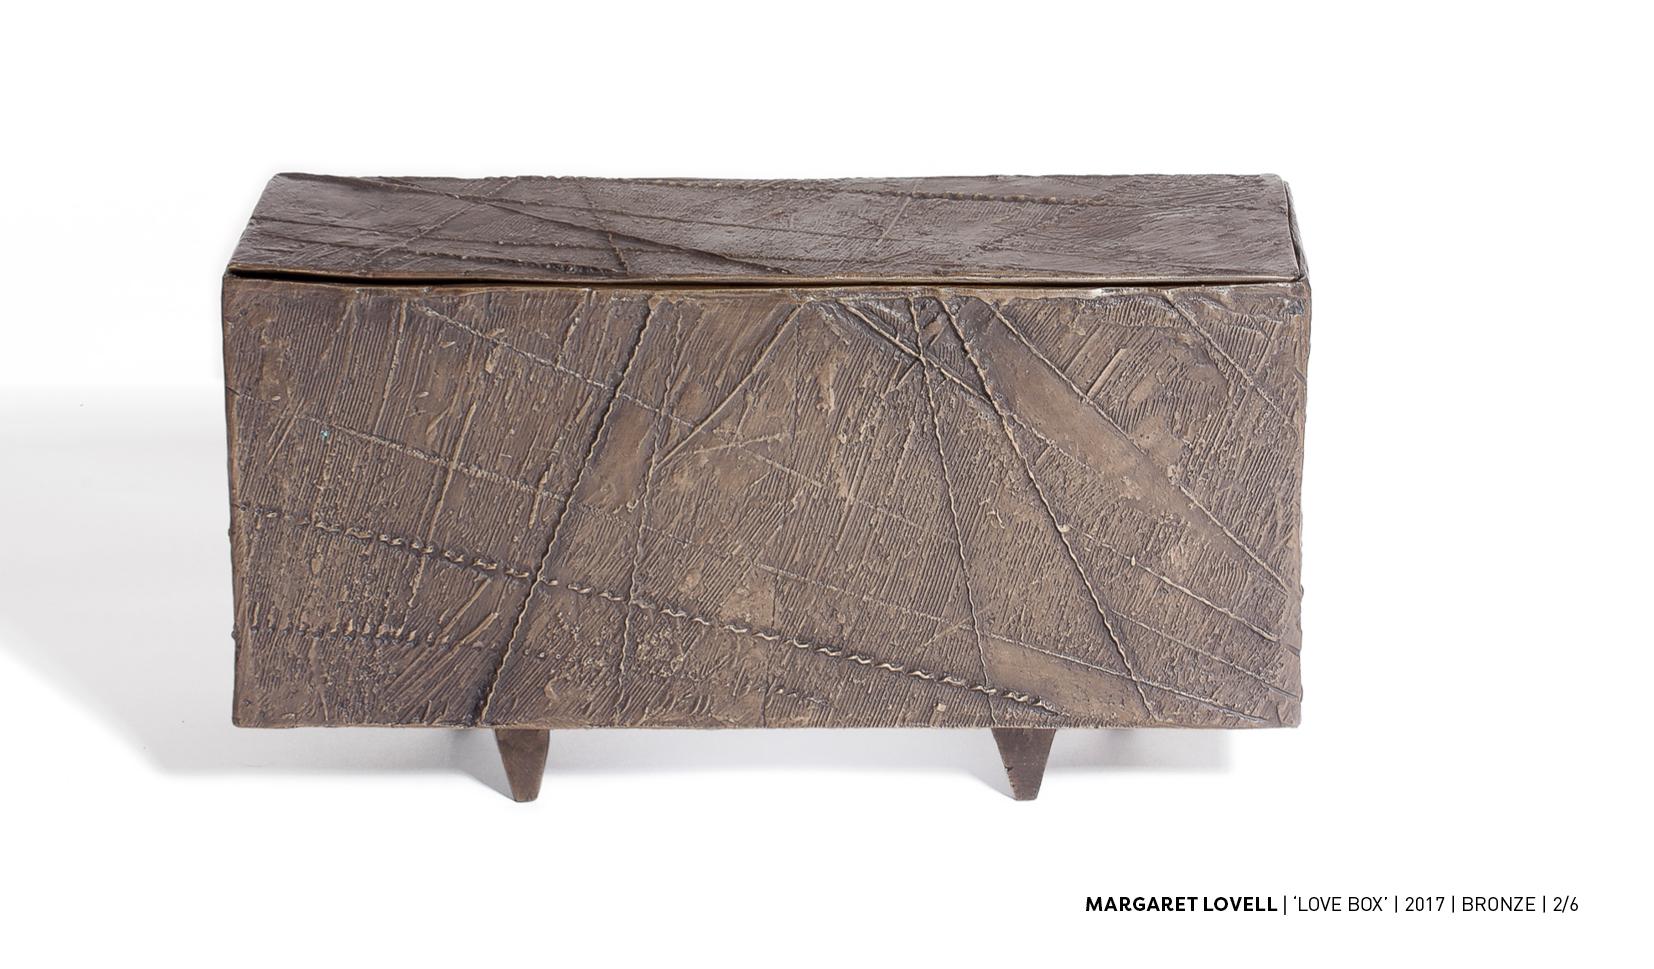 magraret lovell bronze box